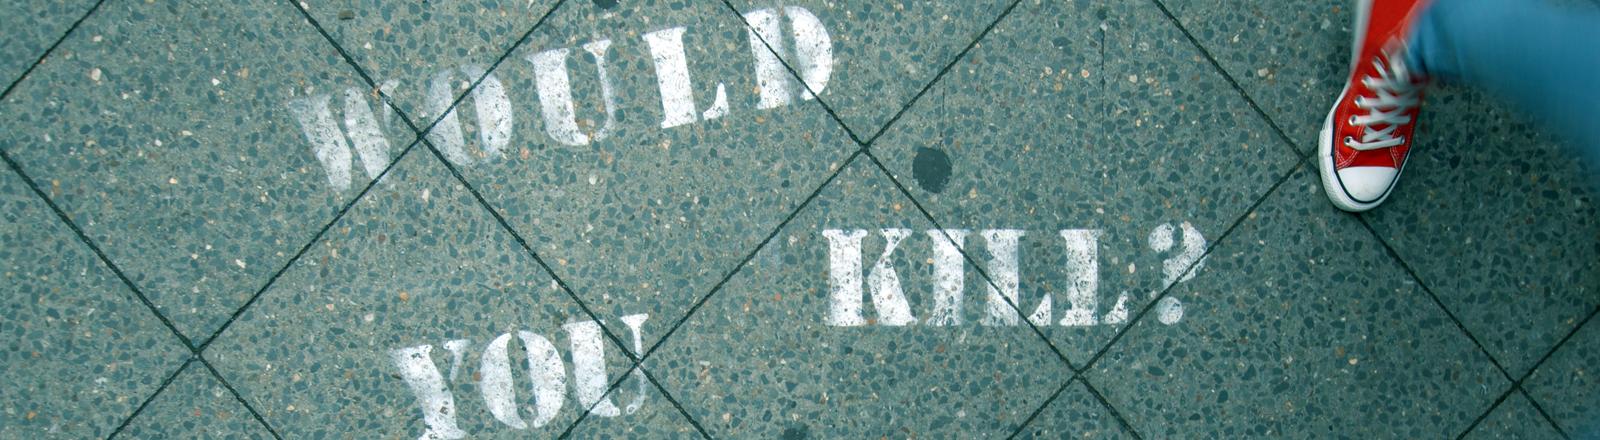 """Auf dem Asphalt stehen die mit Graffiti gesprühte Frage """"Would you kill?"""""""